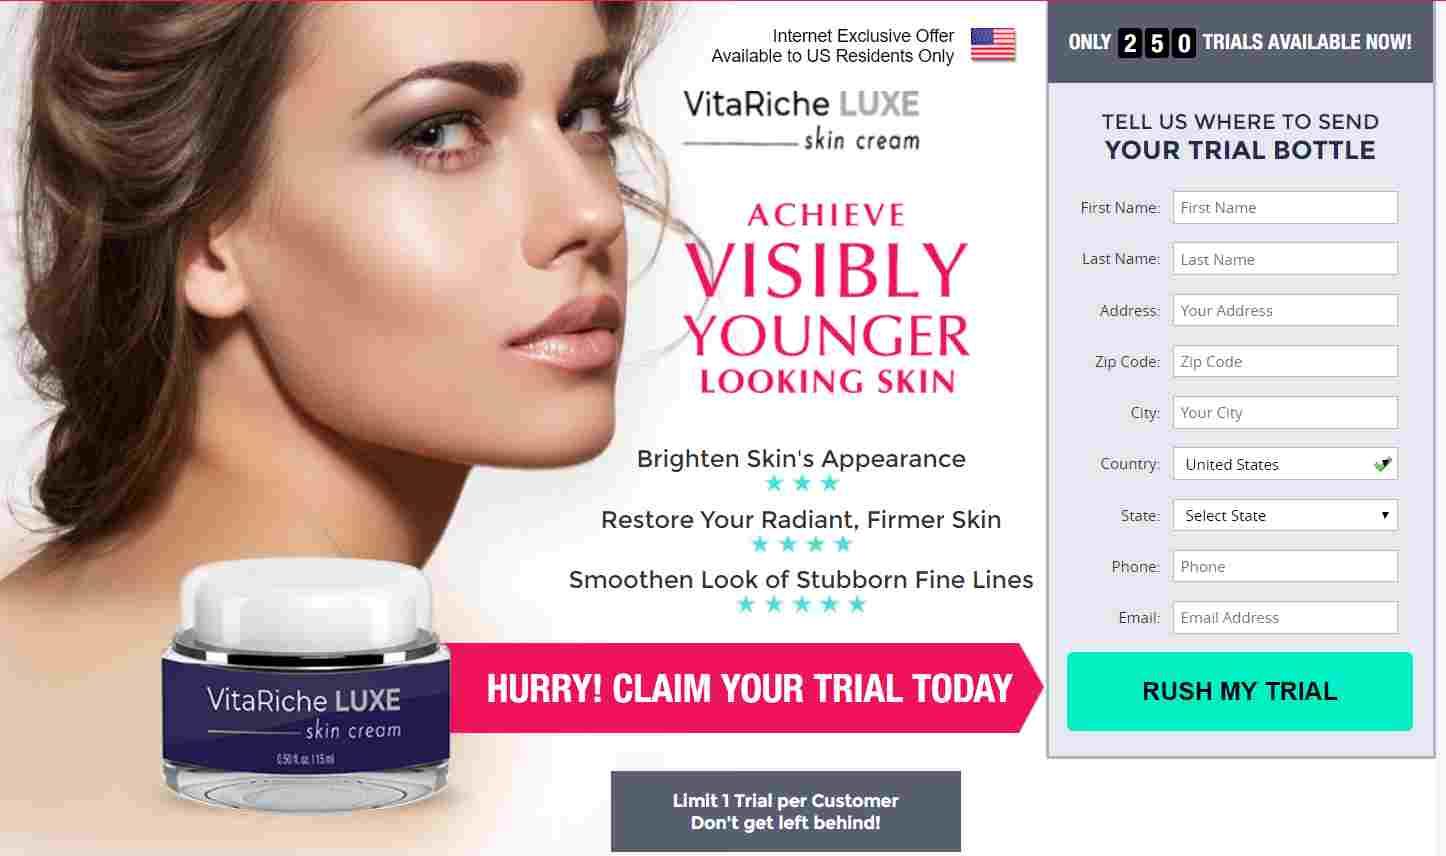 VitaRiche LUXE Where to buy